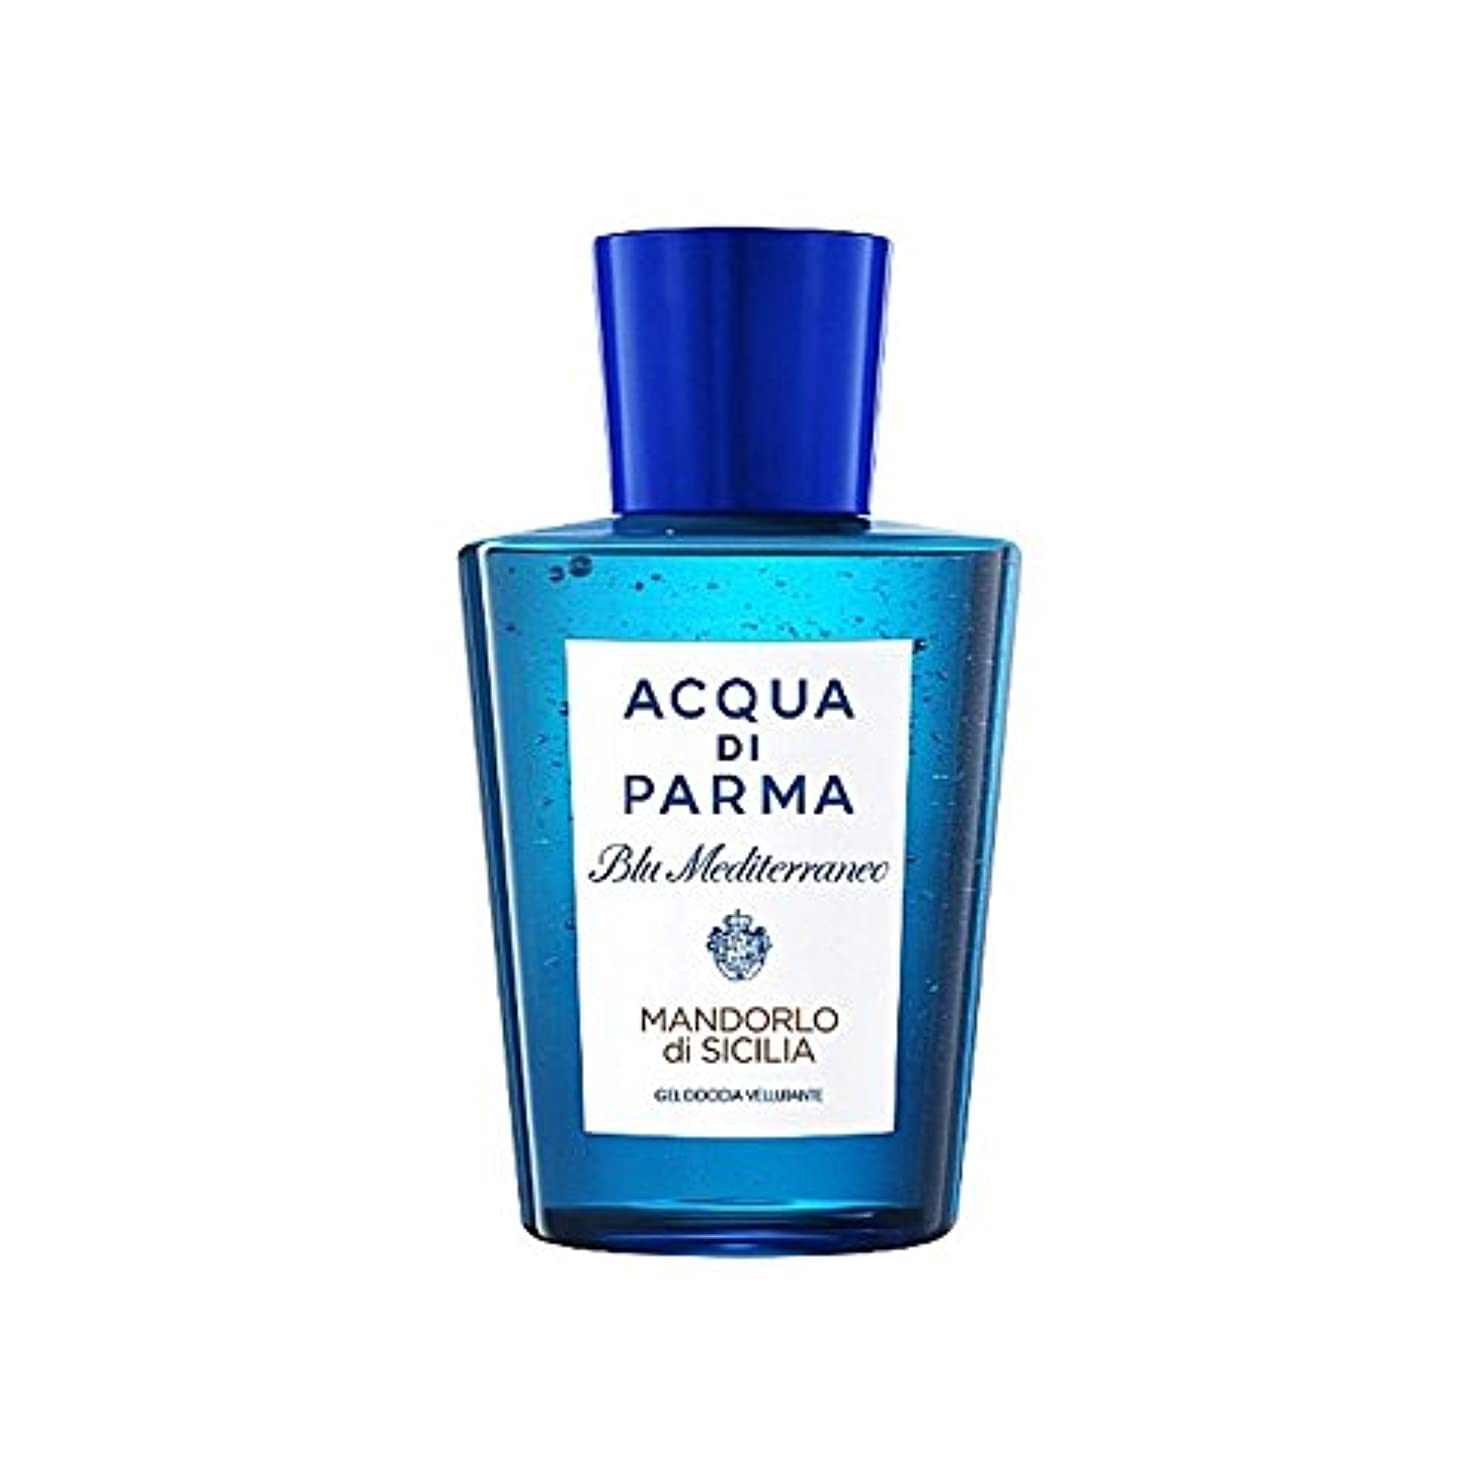 バットいたずら告白Acqua Di Parma Blu Mediterraneo Mandorlo Di Sicilia Shower Gel 200ml - アクアディパルマブルーメディマンドルロディシチリアシャワージェル200 [並行輸入品]